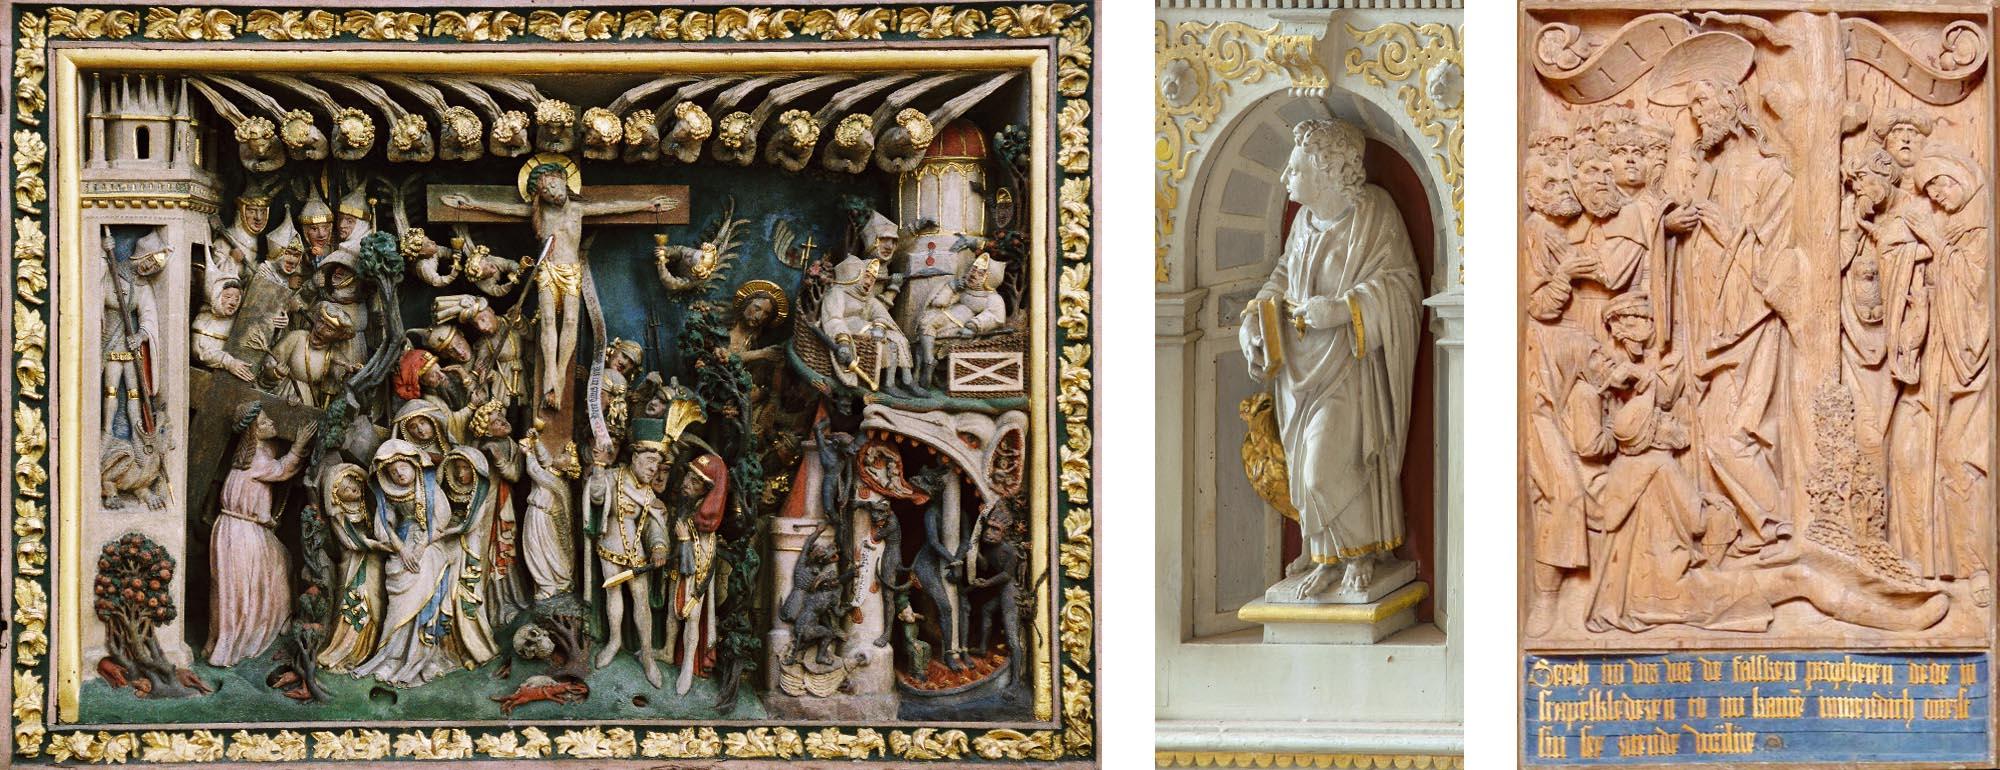 Restaurierung Sakralen Kunstgutes. Links: Lostealtar, Dom zu Schwerin. Mitte: Detail der Kanzel, Stadtkirche Gadebusch. Rechts: Kanzelrelief, Klosterkirche Zarrentin.